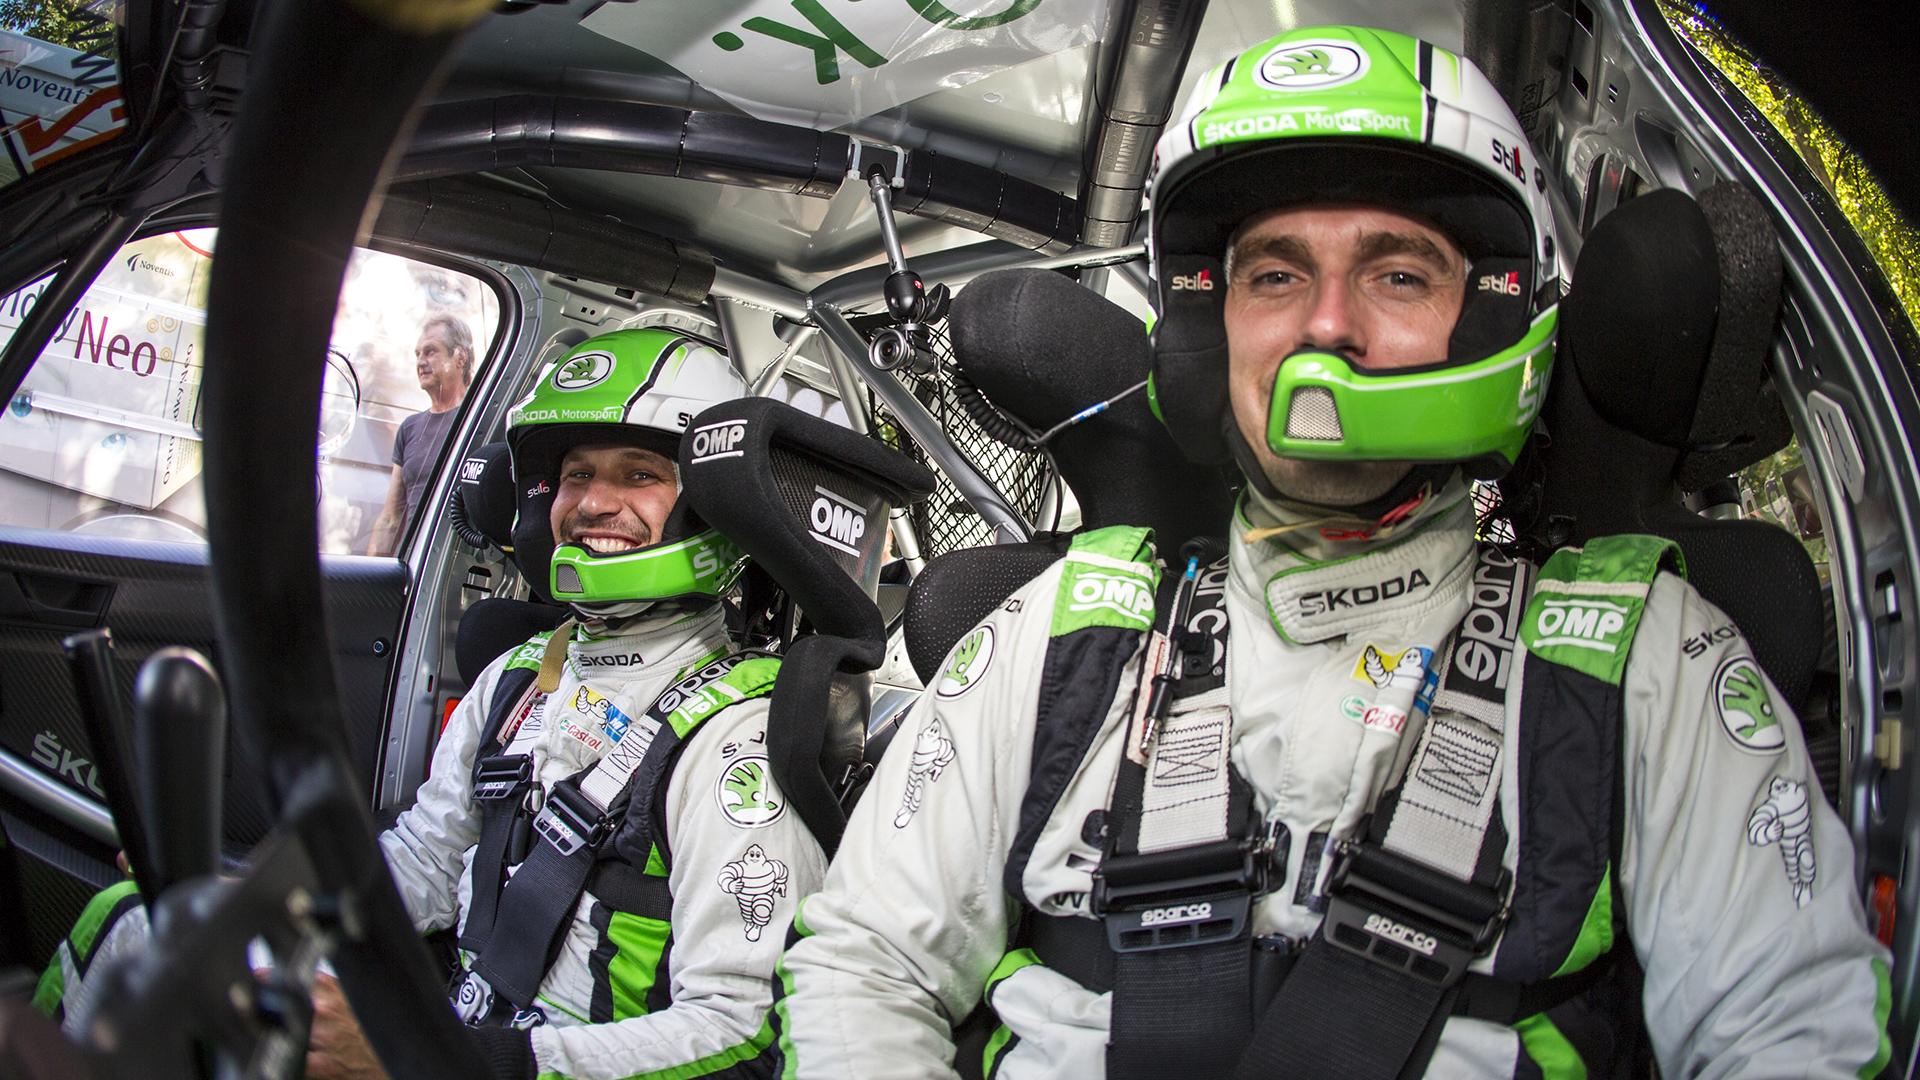 Řiďte jako profík: Jak sedět jako rally jezdec?